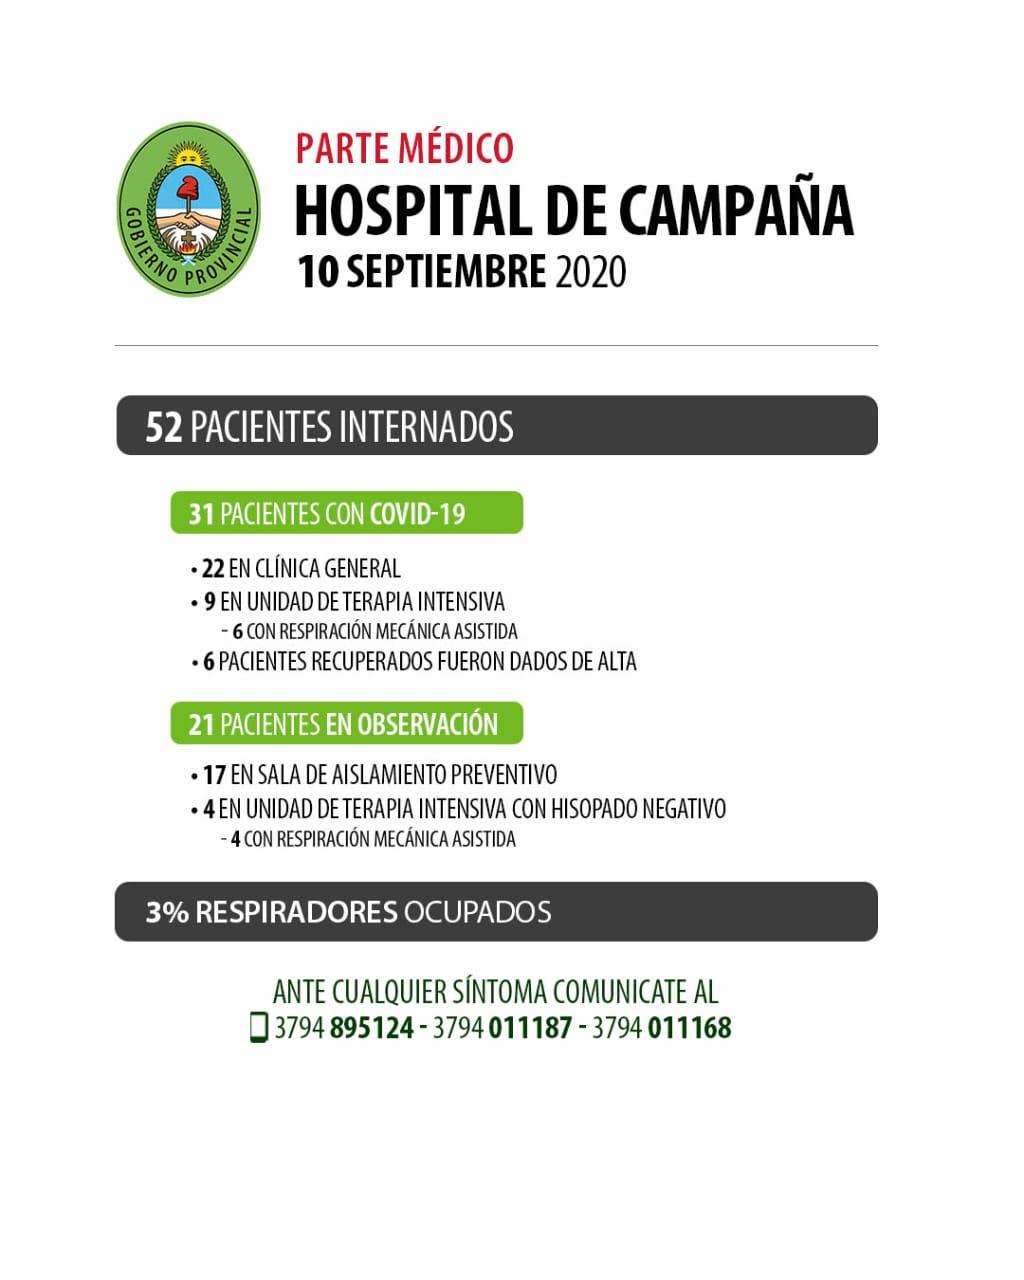 Parte médico de los pacientes internados en el Hospital de Campaña